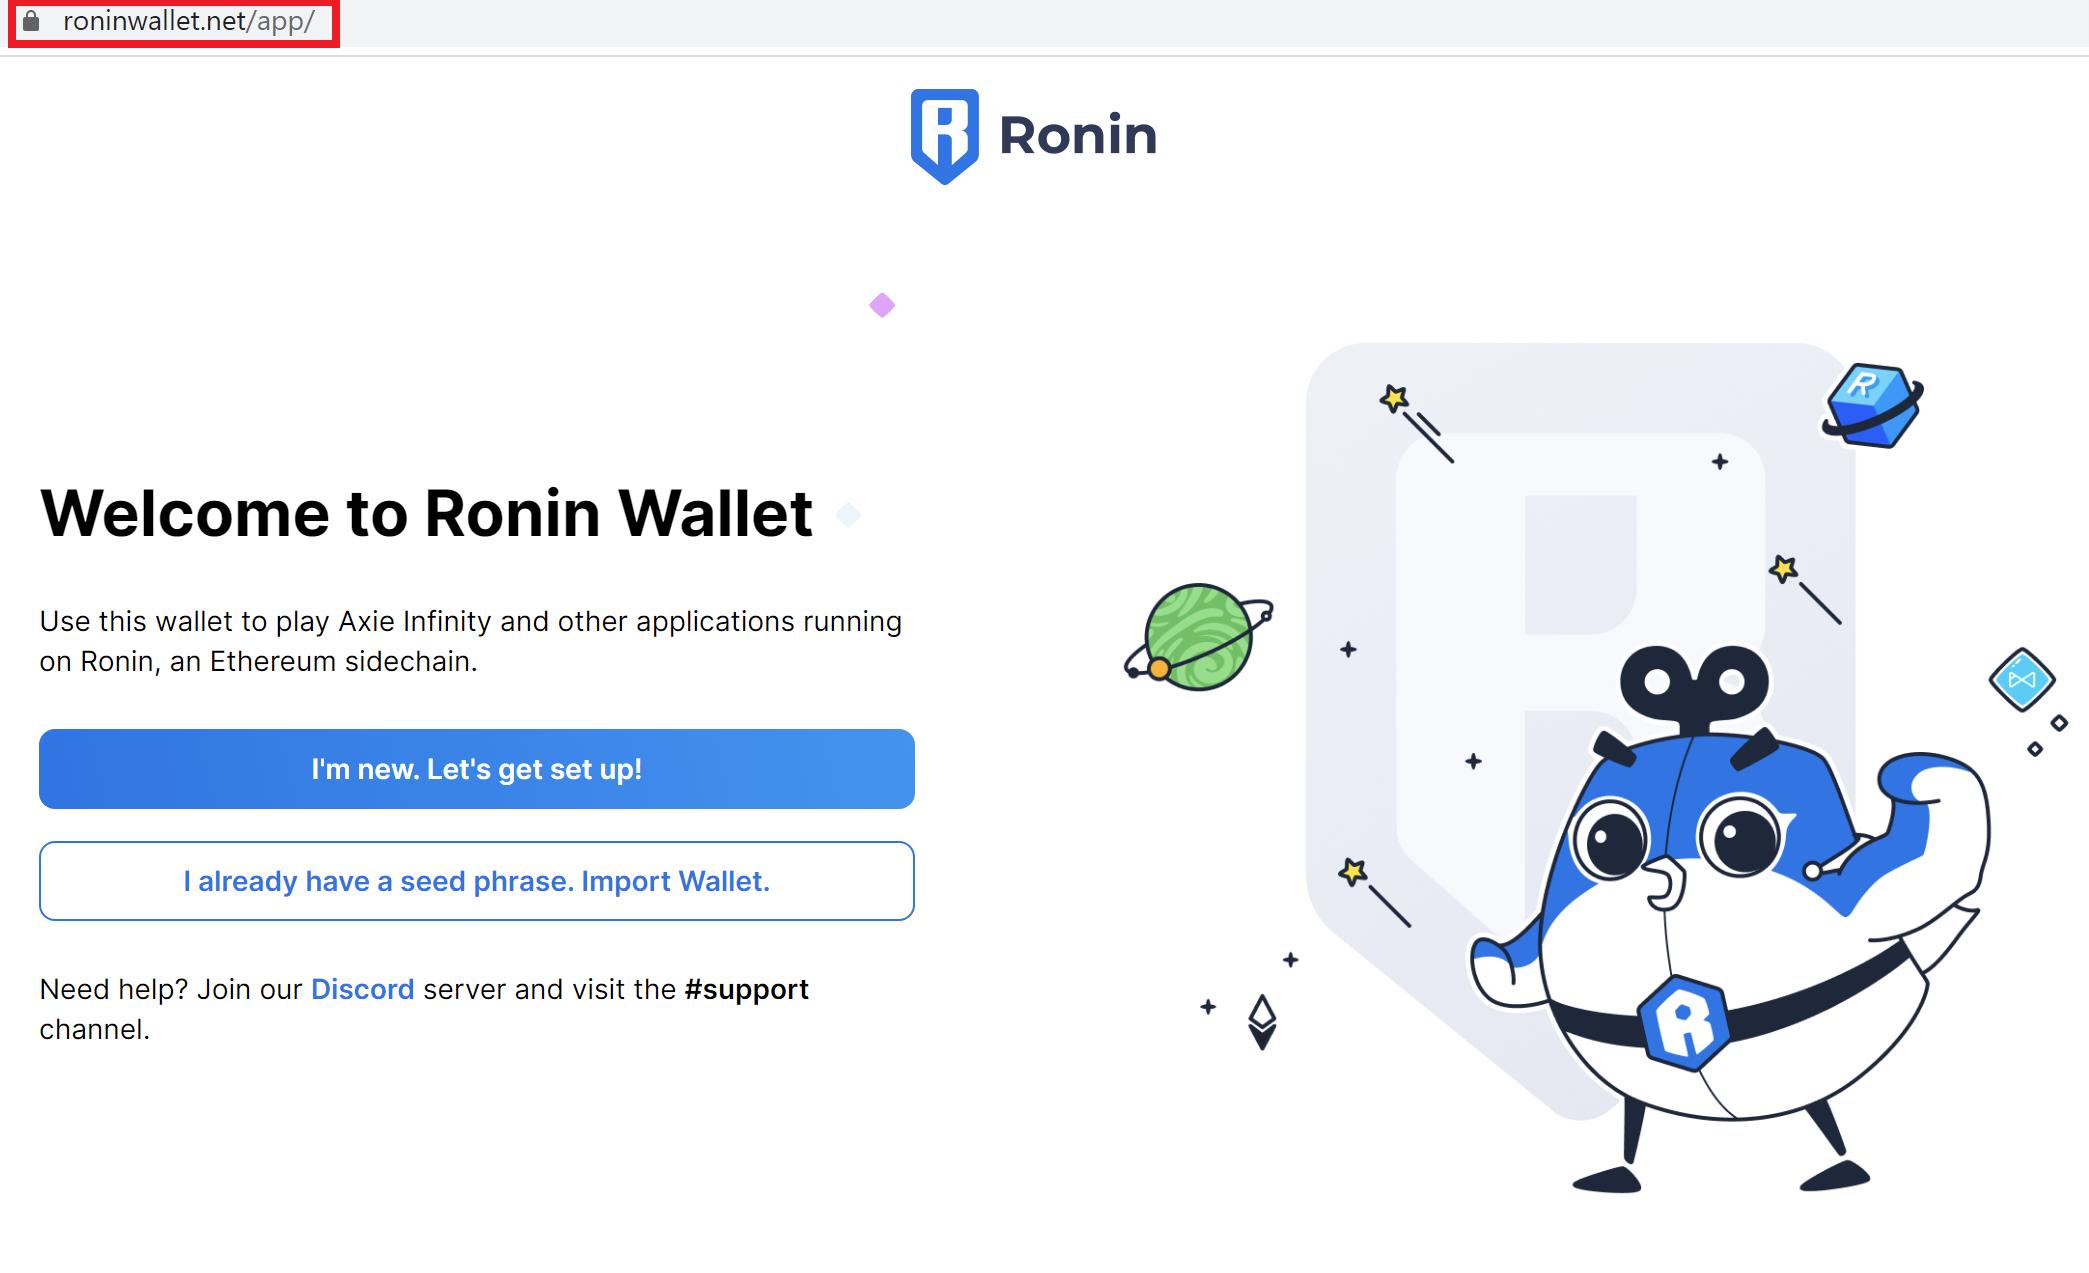 Website giả mạo có giao diện giống hệt tiện ích Ronin Wallet.